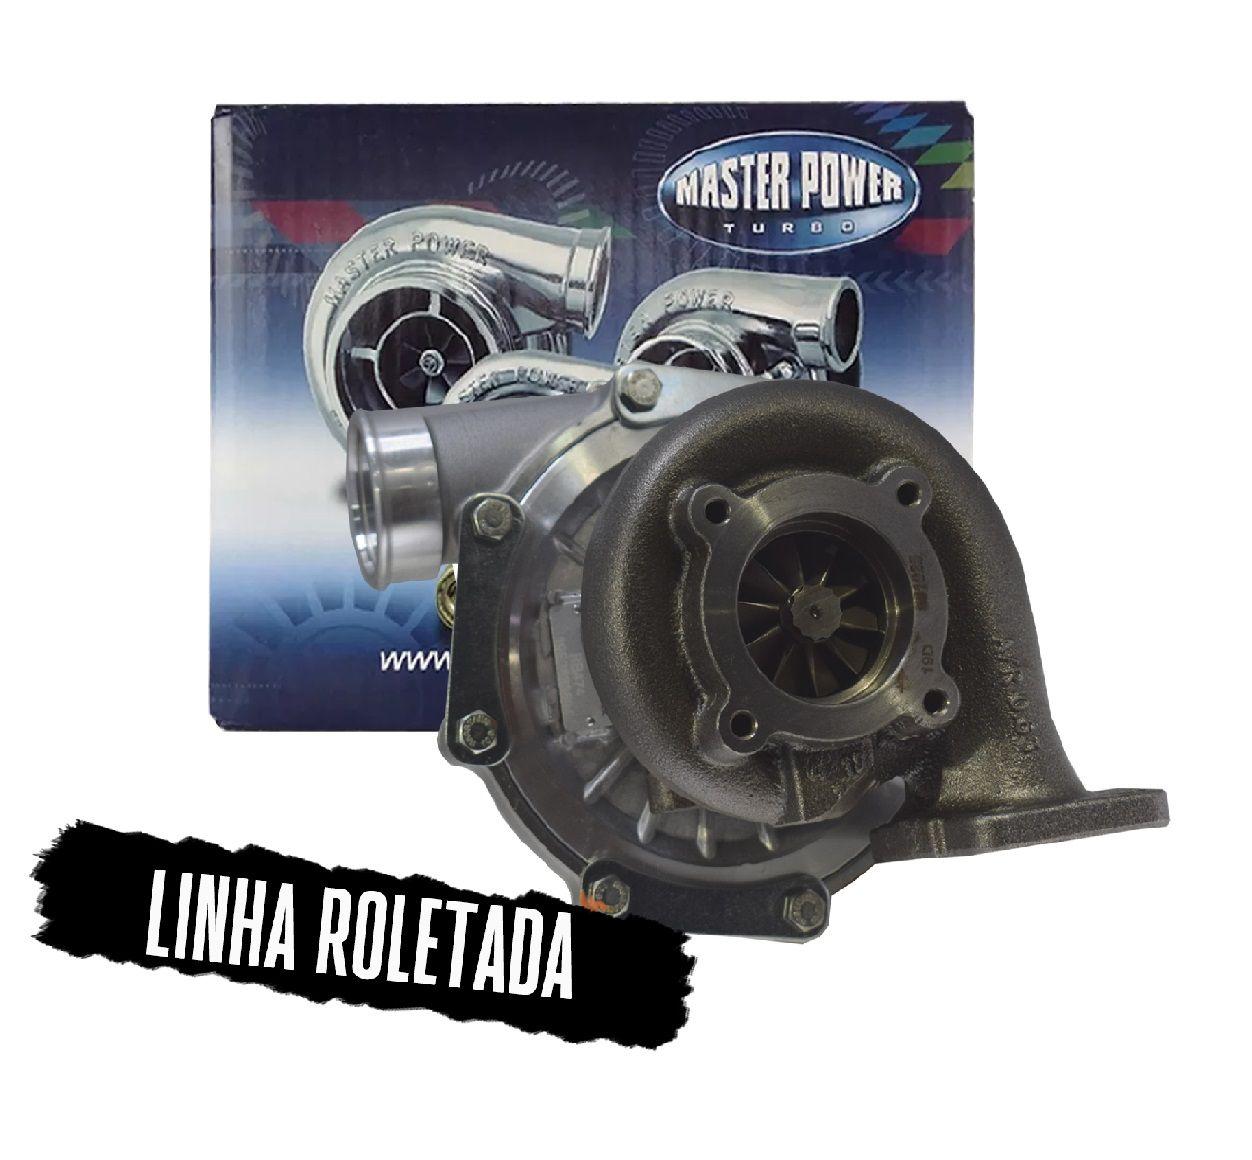 TURBINA ROLETADA / BEARING MASTER POWER - RB 474 .58 PULSATIVA